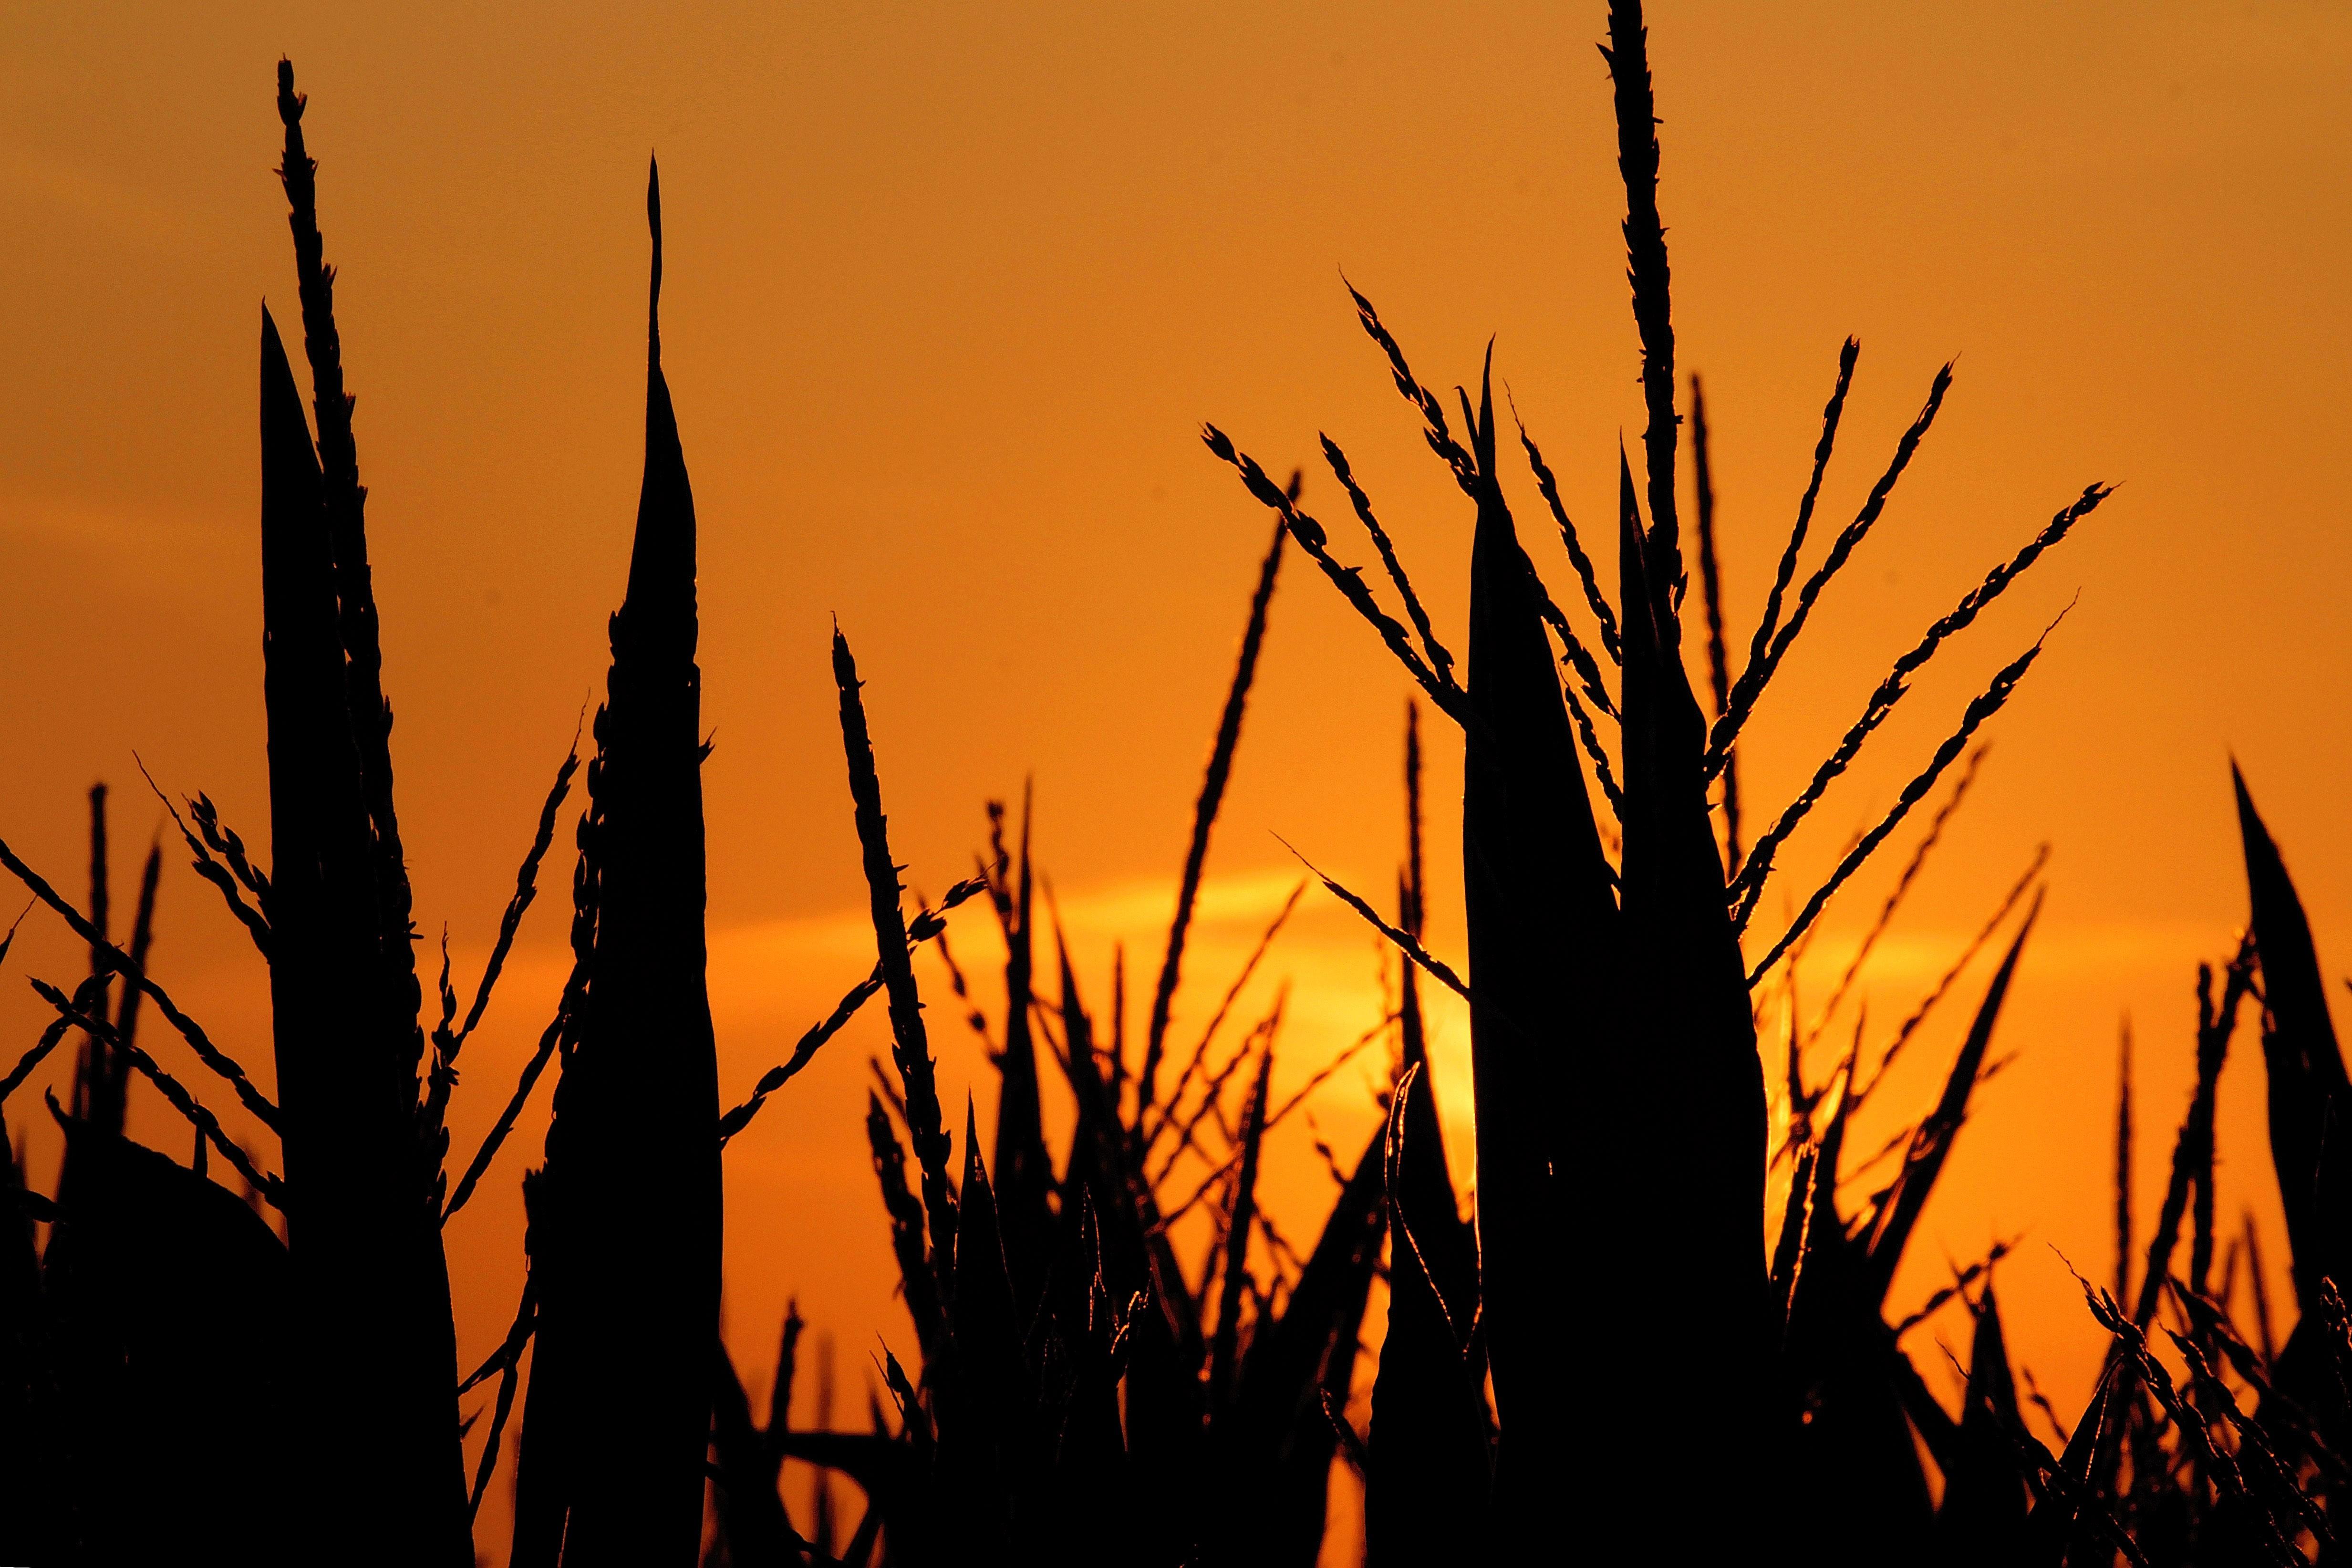 Corn in Illinois